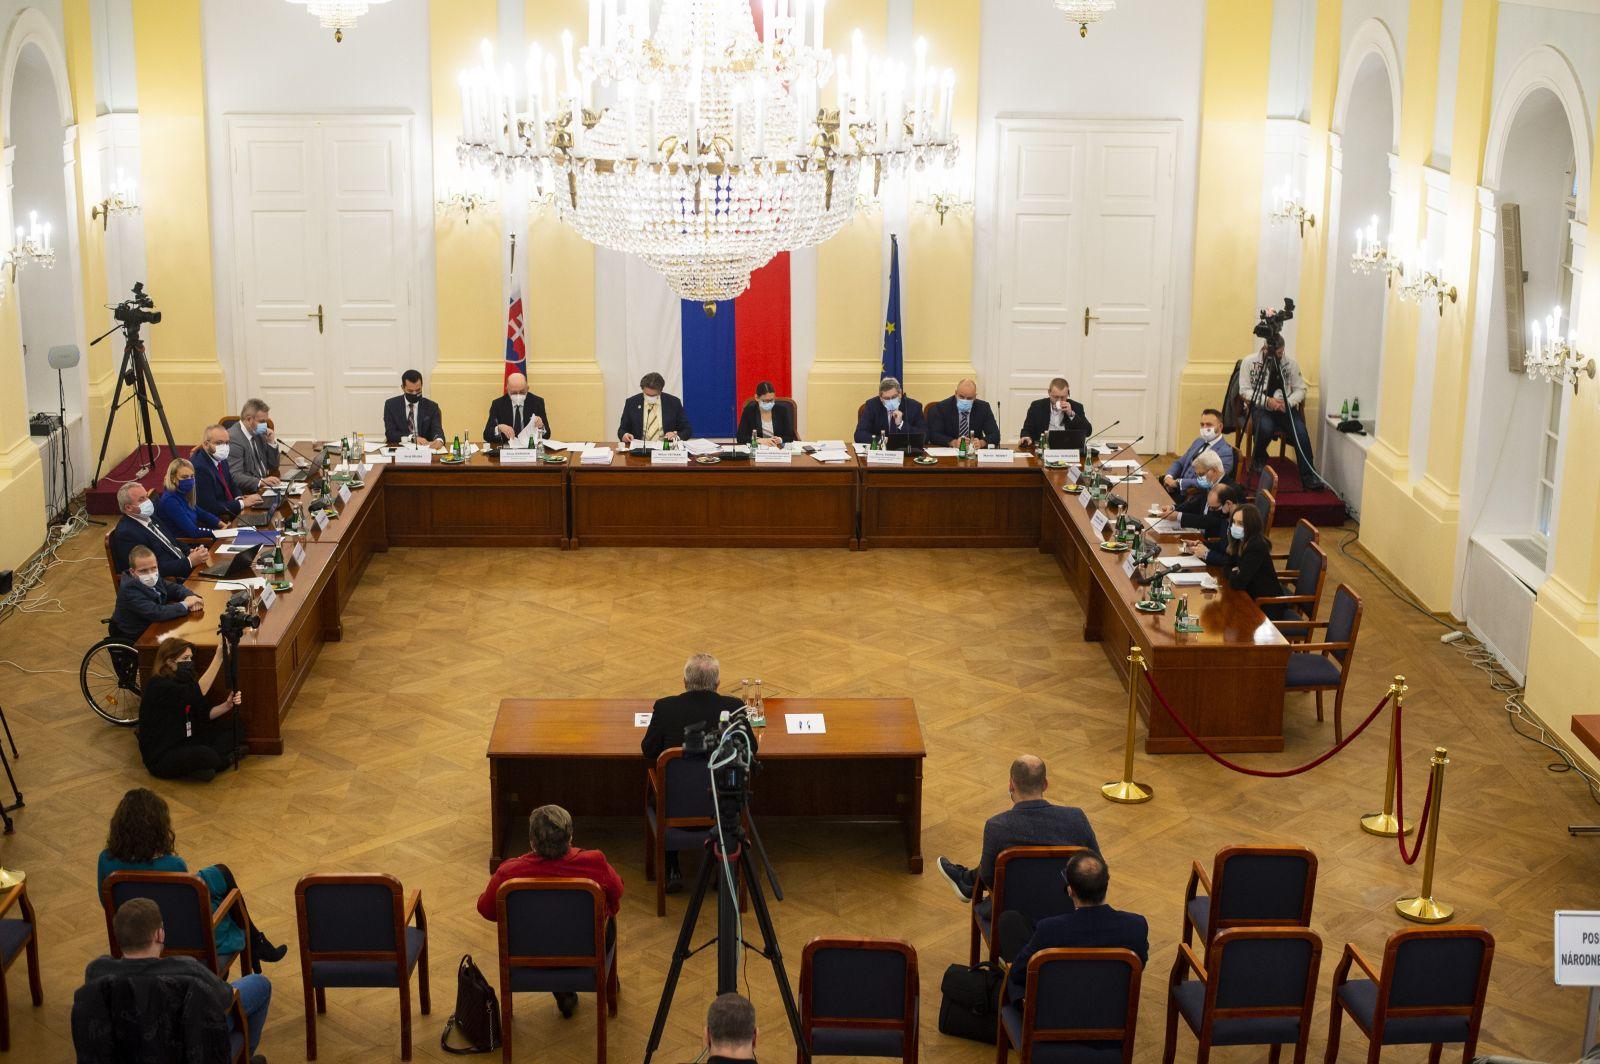 Museli vysvetľovať, prečo nechali Trnku aj Kováčika rozložiť prokuratúru: 10 najdôležitejších momentov vypočutia kandidátov na GP